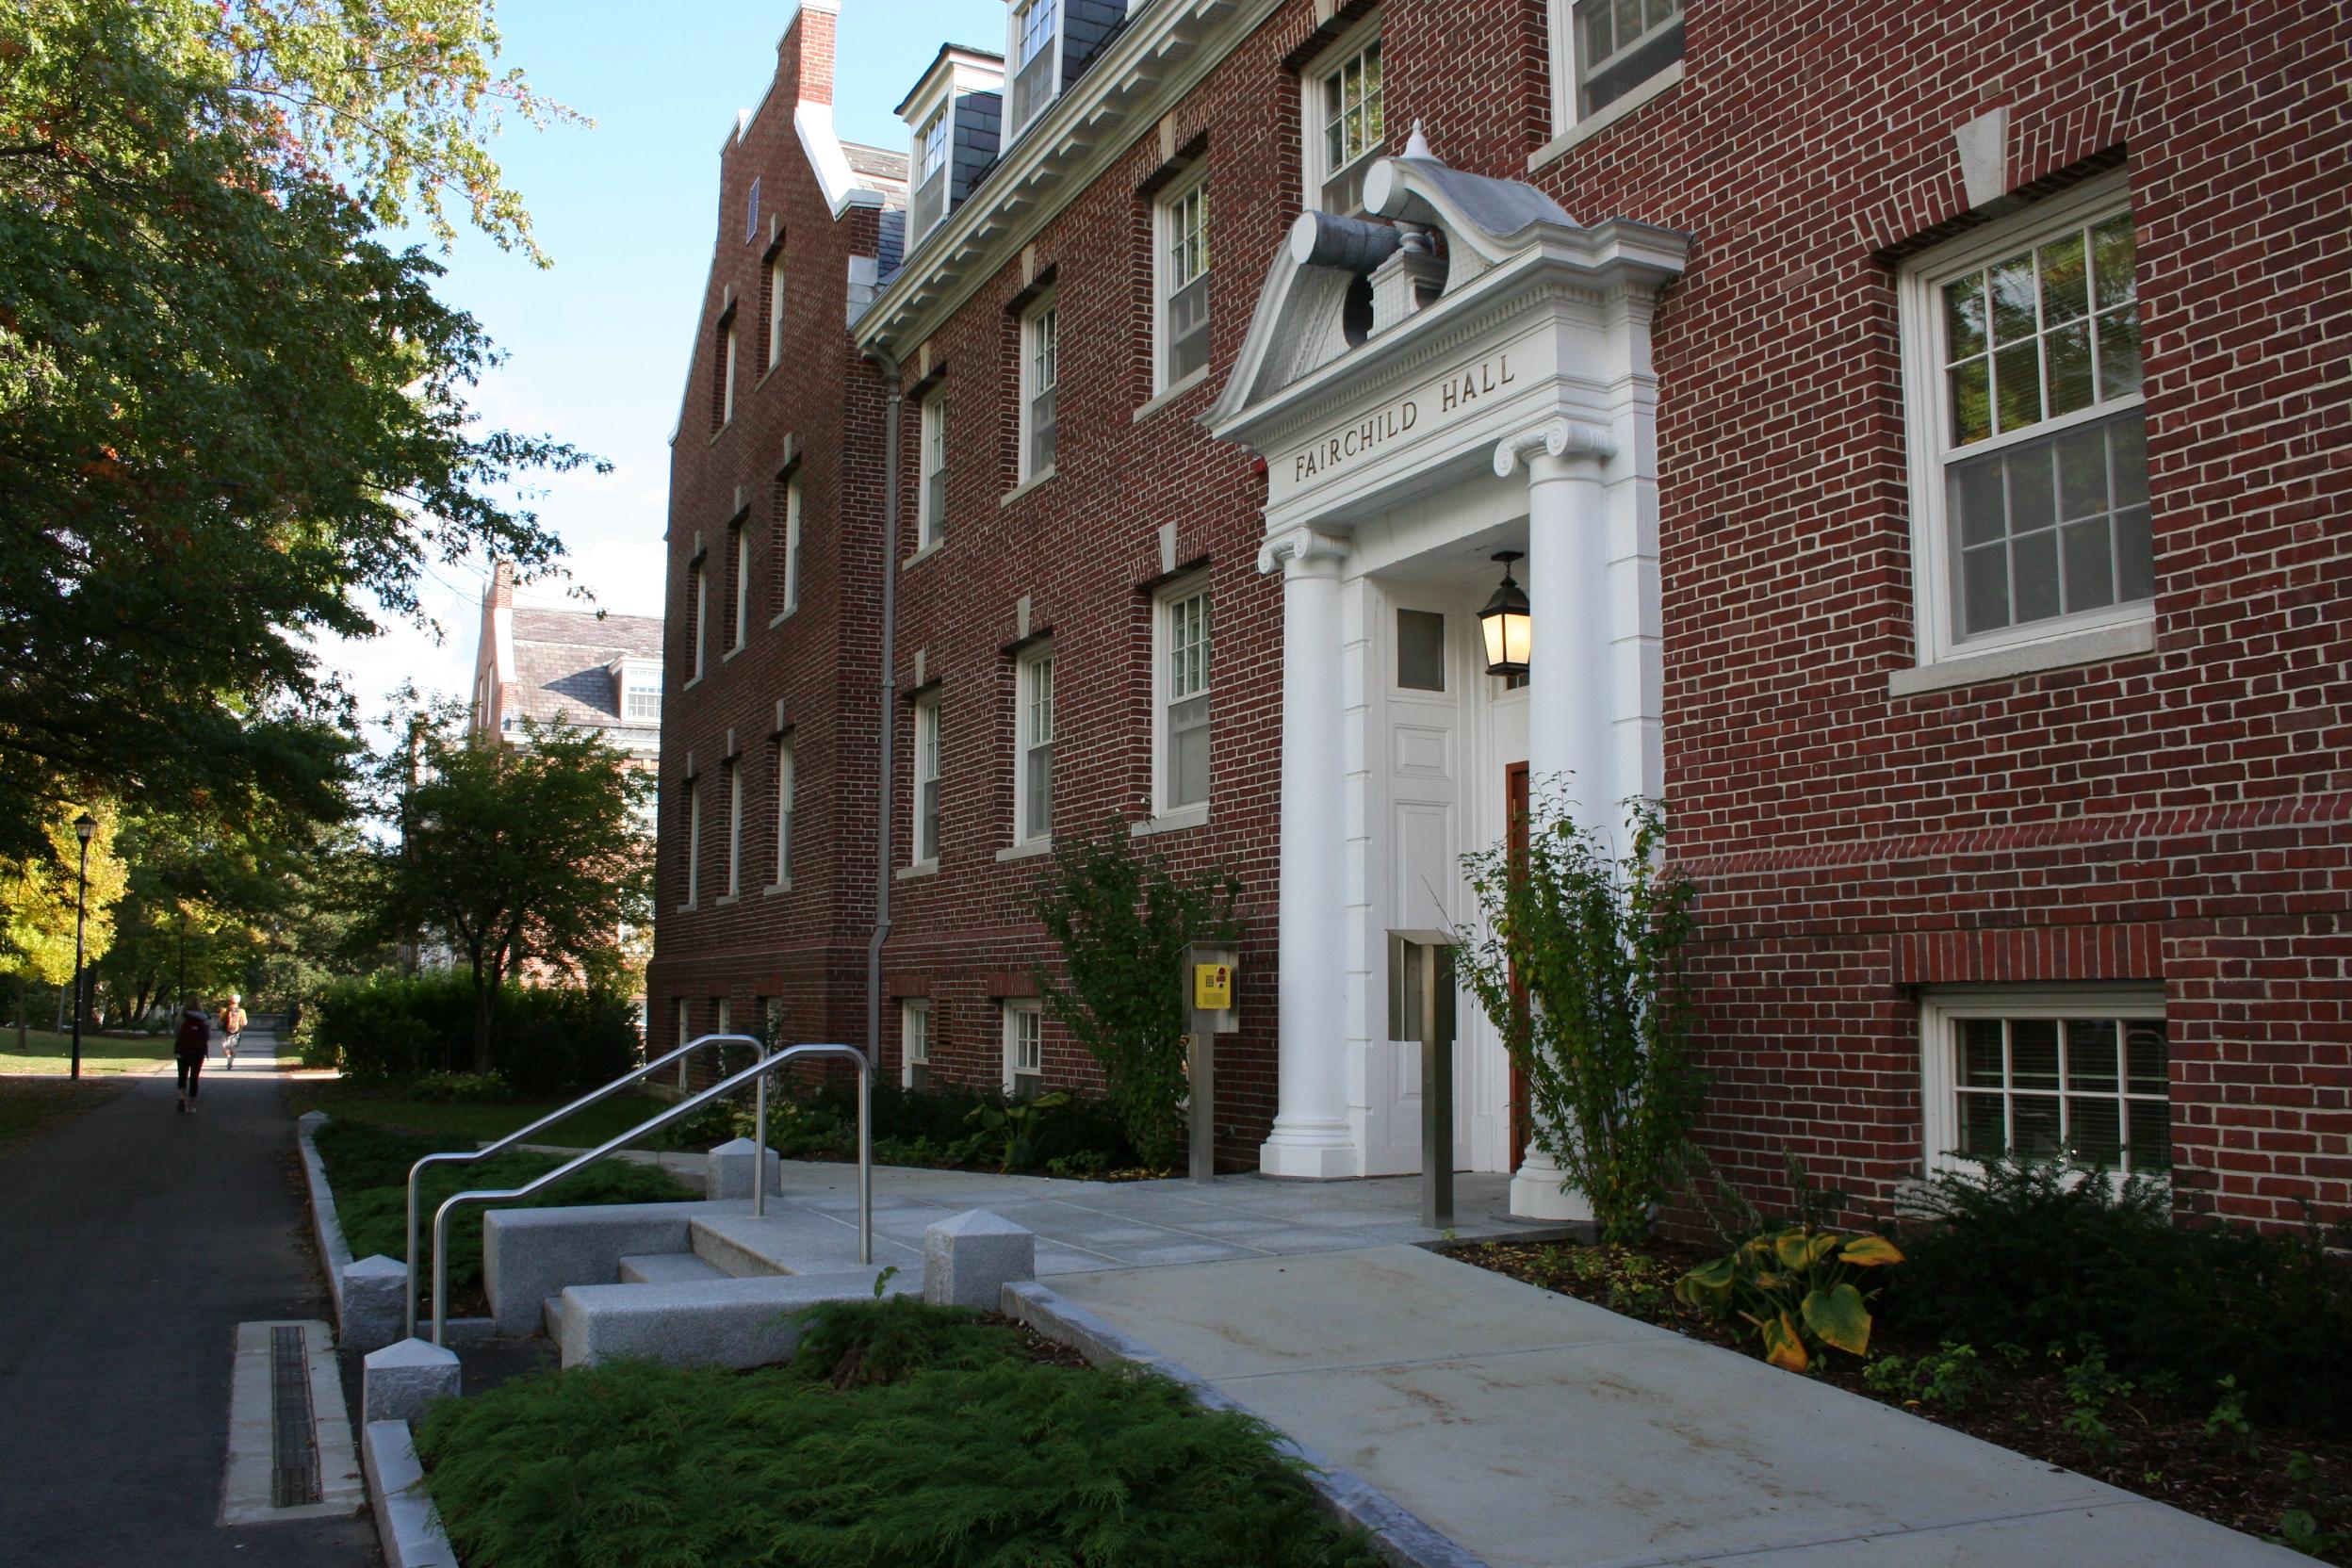 Fairchild Hall 014.jpg